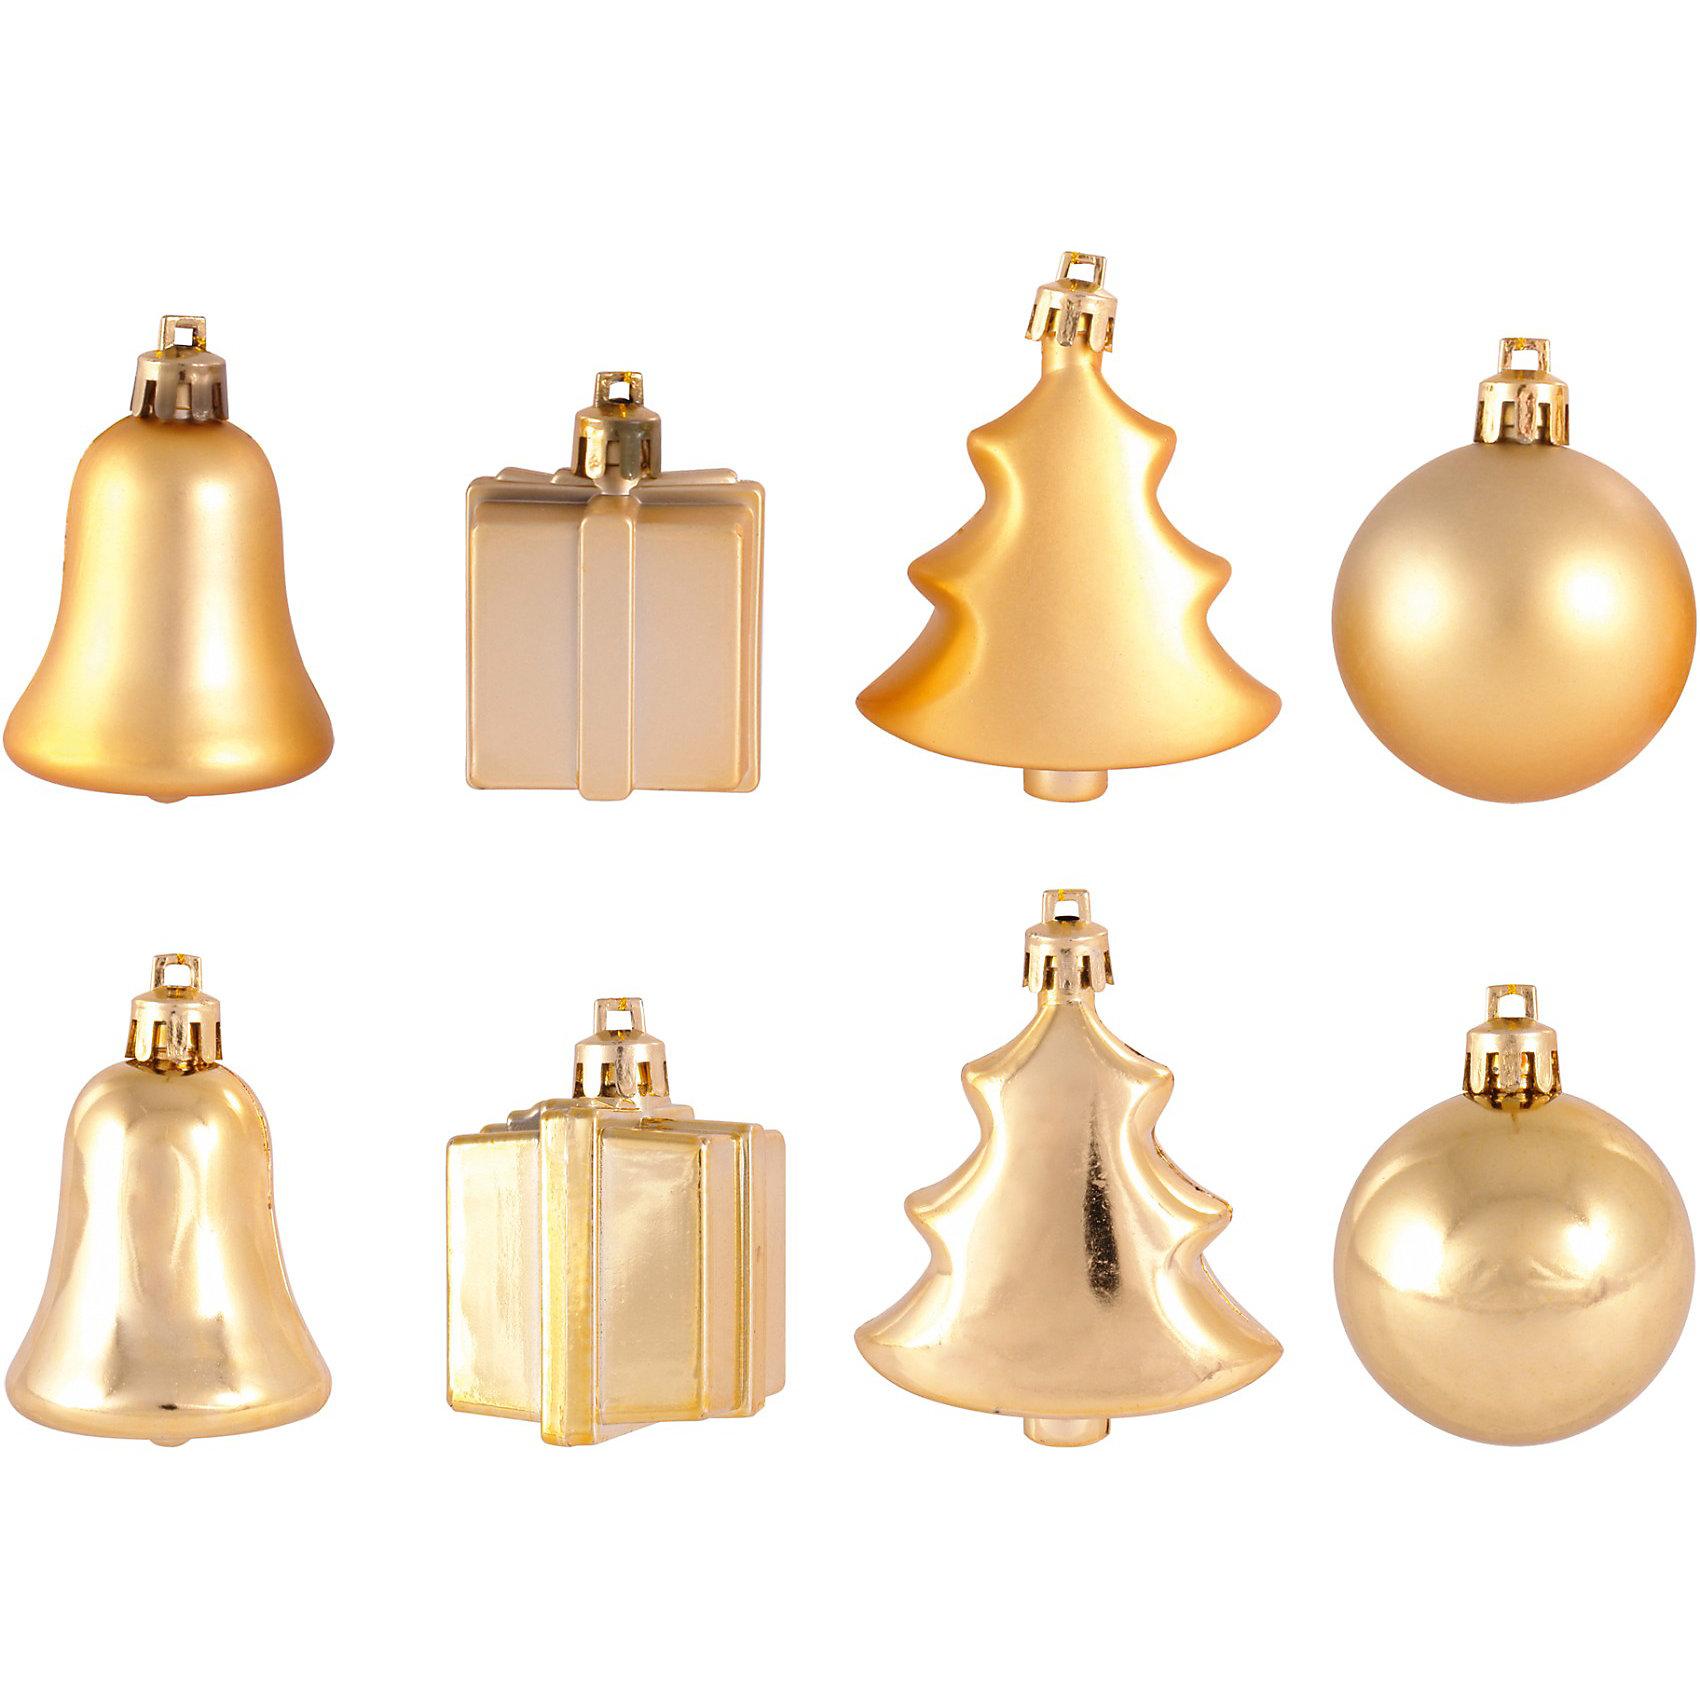 Набор золото 24 предмета, 5 смНабор золото 24 предмета, Волшебная страна станет замечательным украшением для Вашей новогодней елки и поможет создать праздничную радостную атмосферу. В комплекте<br>24 елочных игрушки 4 видов: колокольчики, шарики, подарочные сундучки и елочки. Все игрушки выполнены в золотистых тонах, они будут чудесно смотреться на елке и<br>радовать детей и взрослых.<br><br>Дополнительная информация:<br><br>- Цвет: золото.<br>- В комплекте: 24 шт.<br>- Размер игрушки: 5 см.<br>- Размер упаковки: 12 x 19 x 12 см.<br>- Вес: 0,251 кг.<br><br>Набор золото 24 предмета, Волшебная страна можно купить в нашем интернет-магазине.<br><br>Ширина мм: 730<br>Глубина мм: 190<br>Высота мм: 120<br>Вес г: 251<br>Возраст от месяцев: 60<br>Возраст до месяцев: 180<br>Пол: Унисекс<br>Возраст: Детский<br>SKU: 3791319